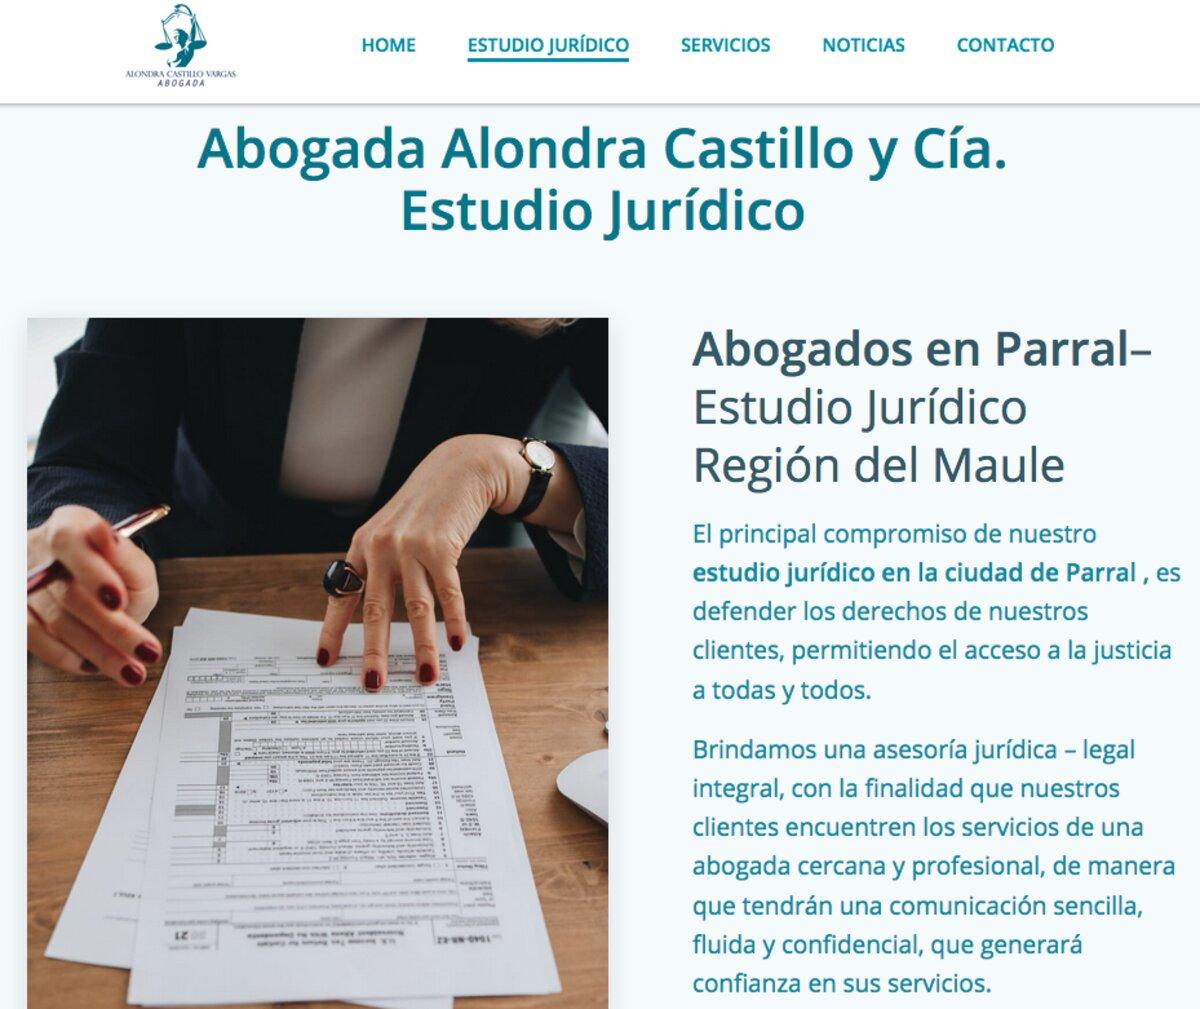 Asesoría jurídica en Parral